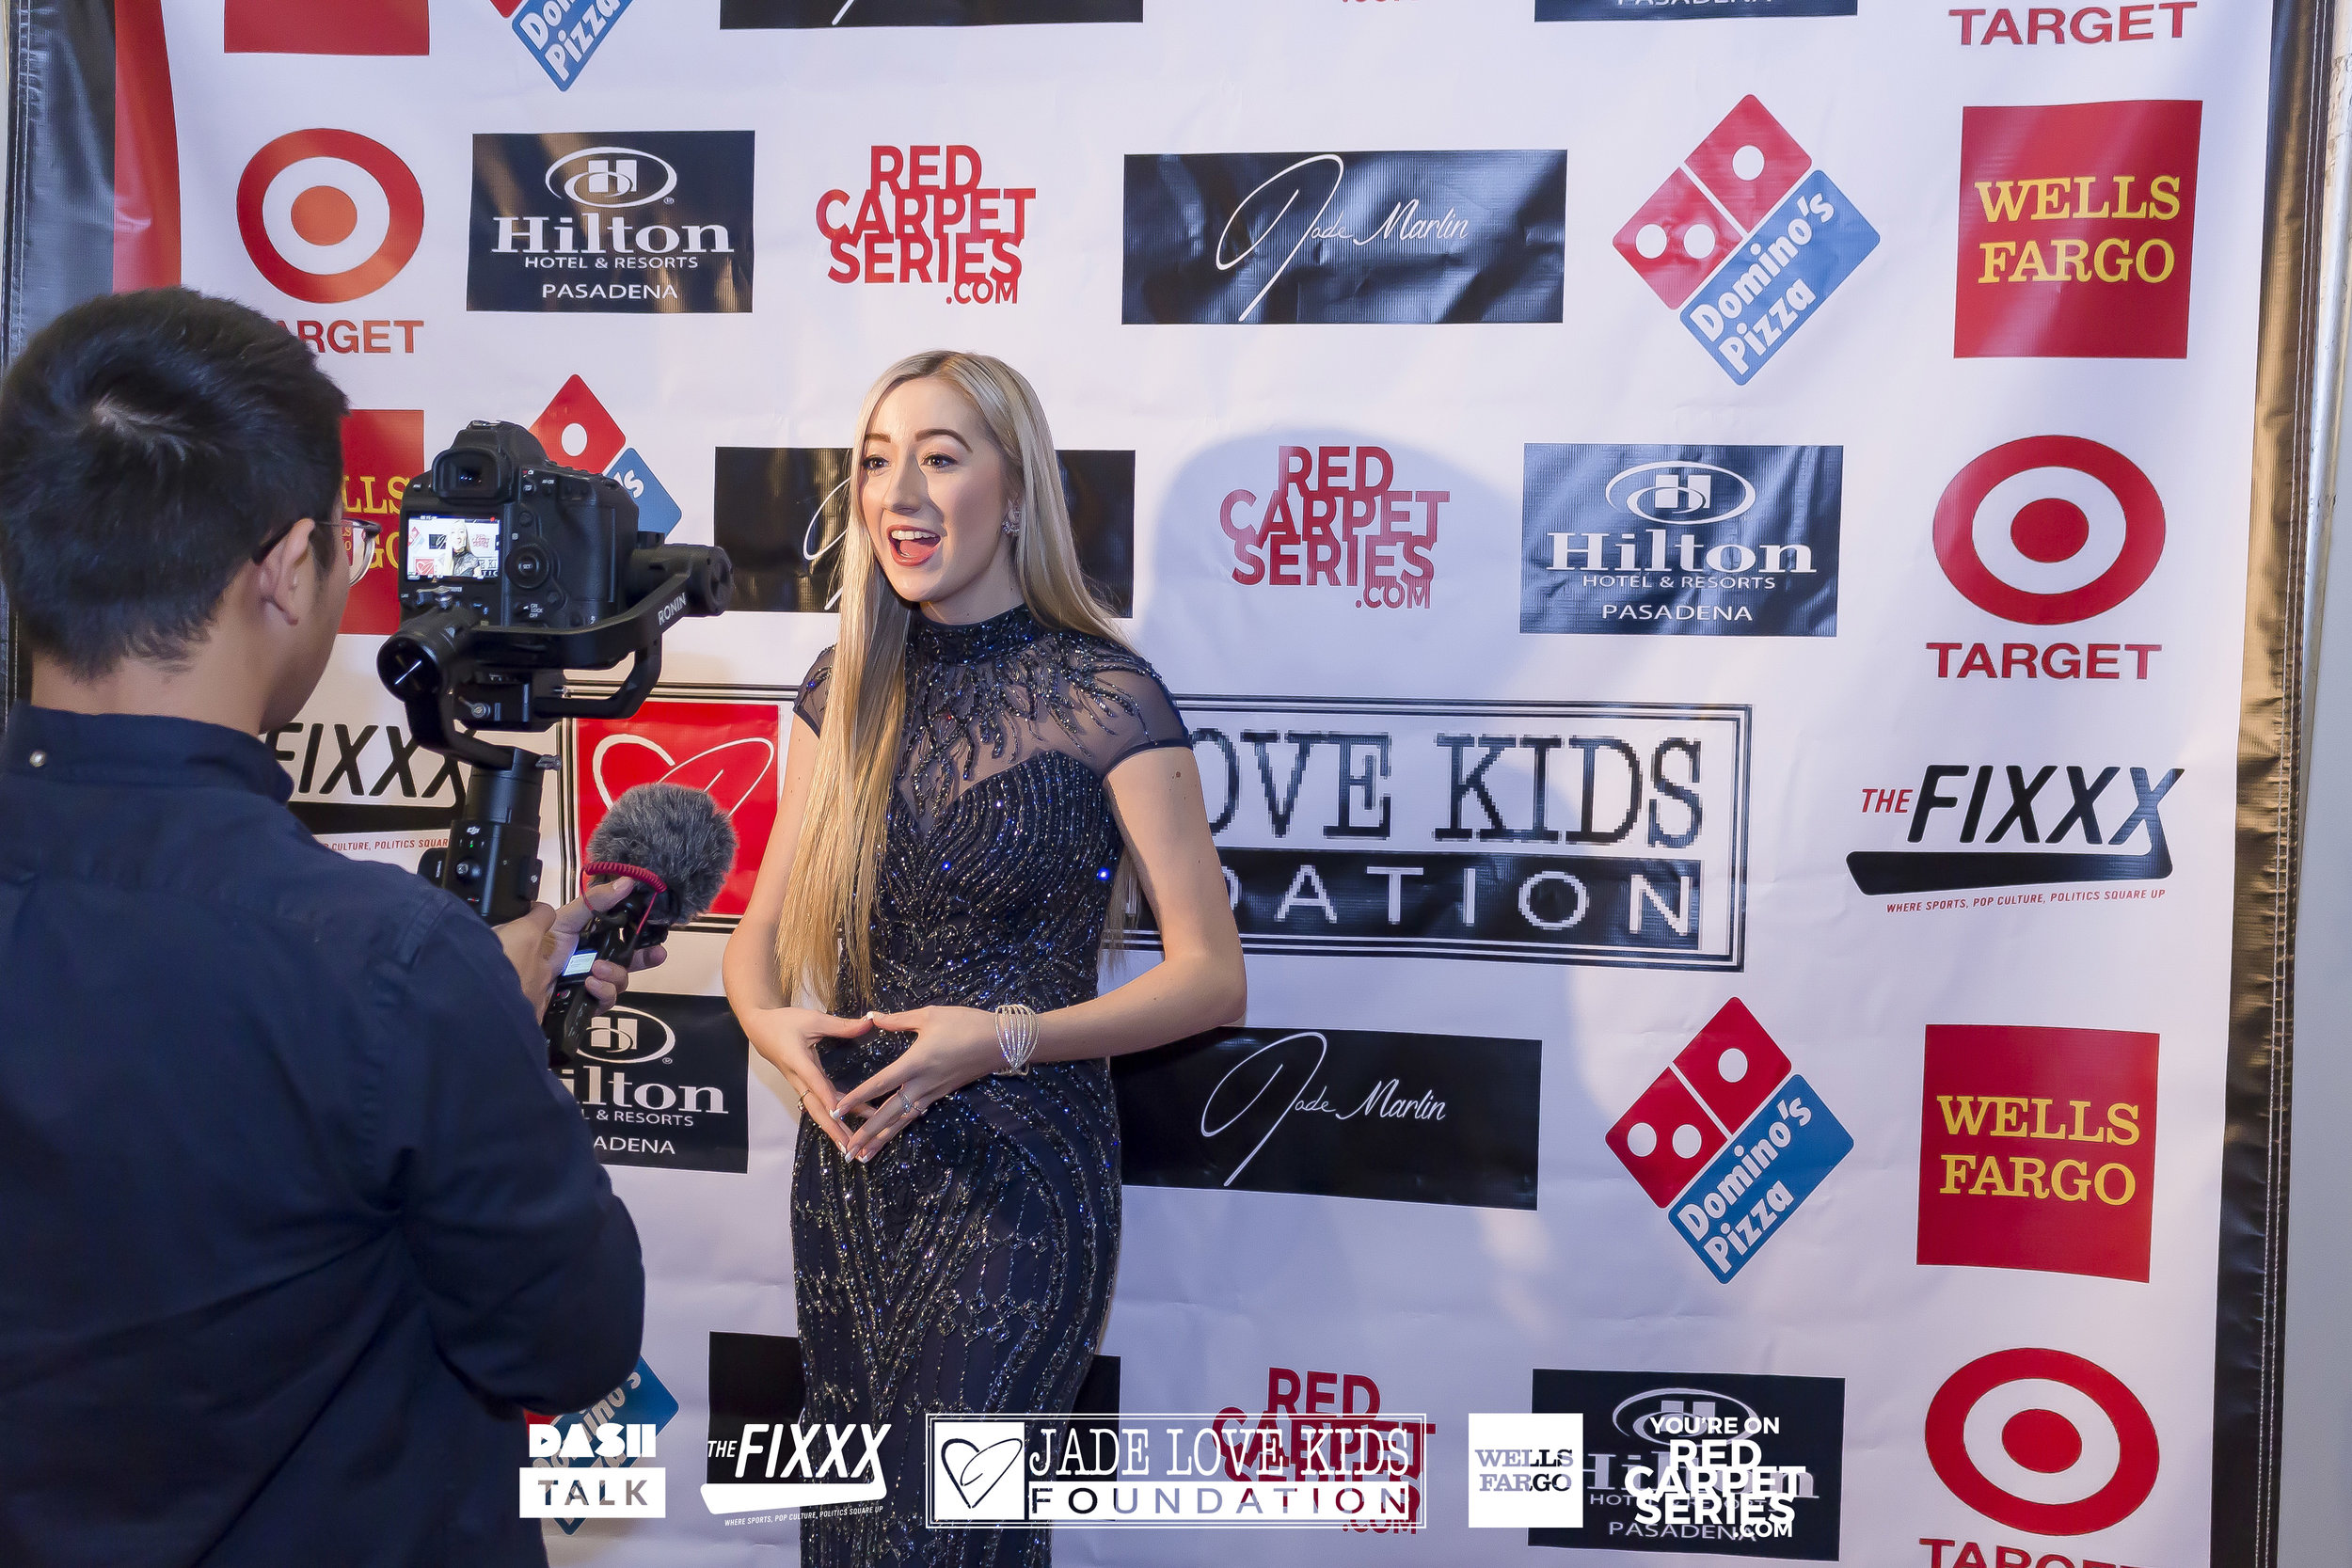 Jade Love Kids Foundation - 12-01-18 - Round 1_43.jpg